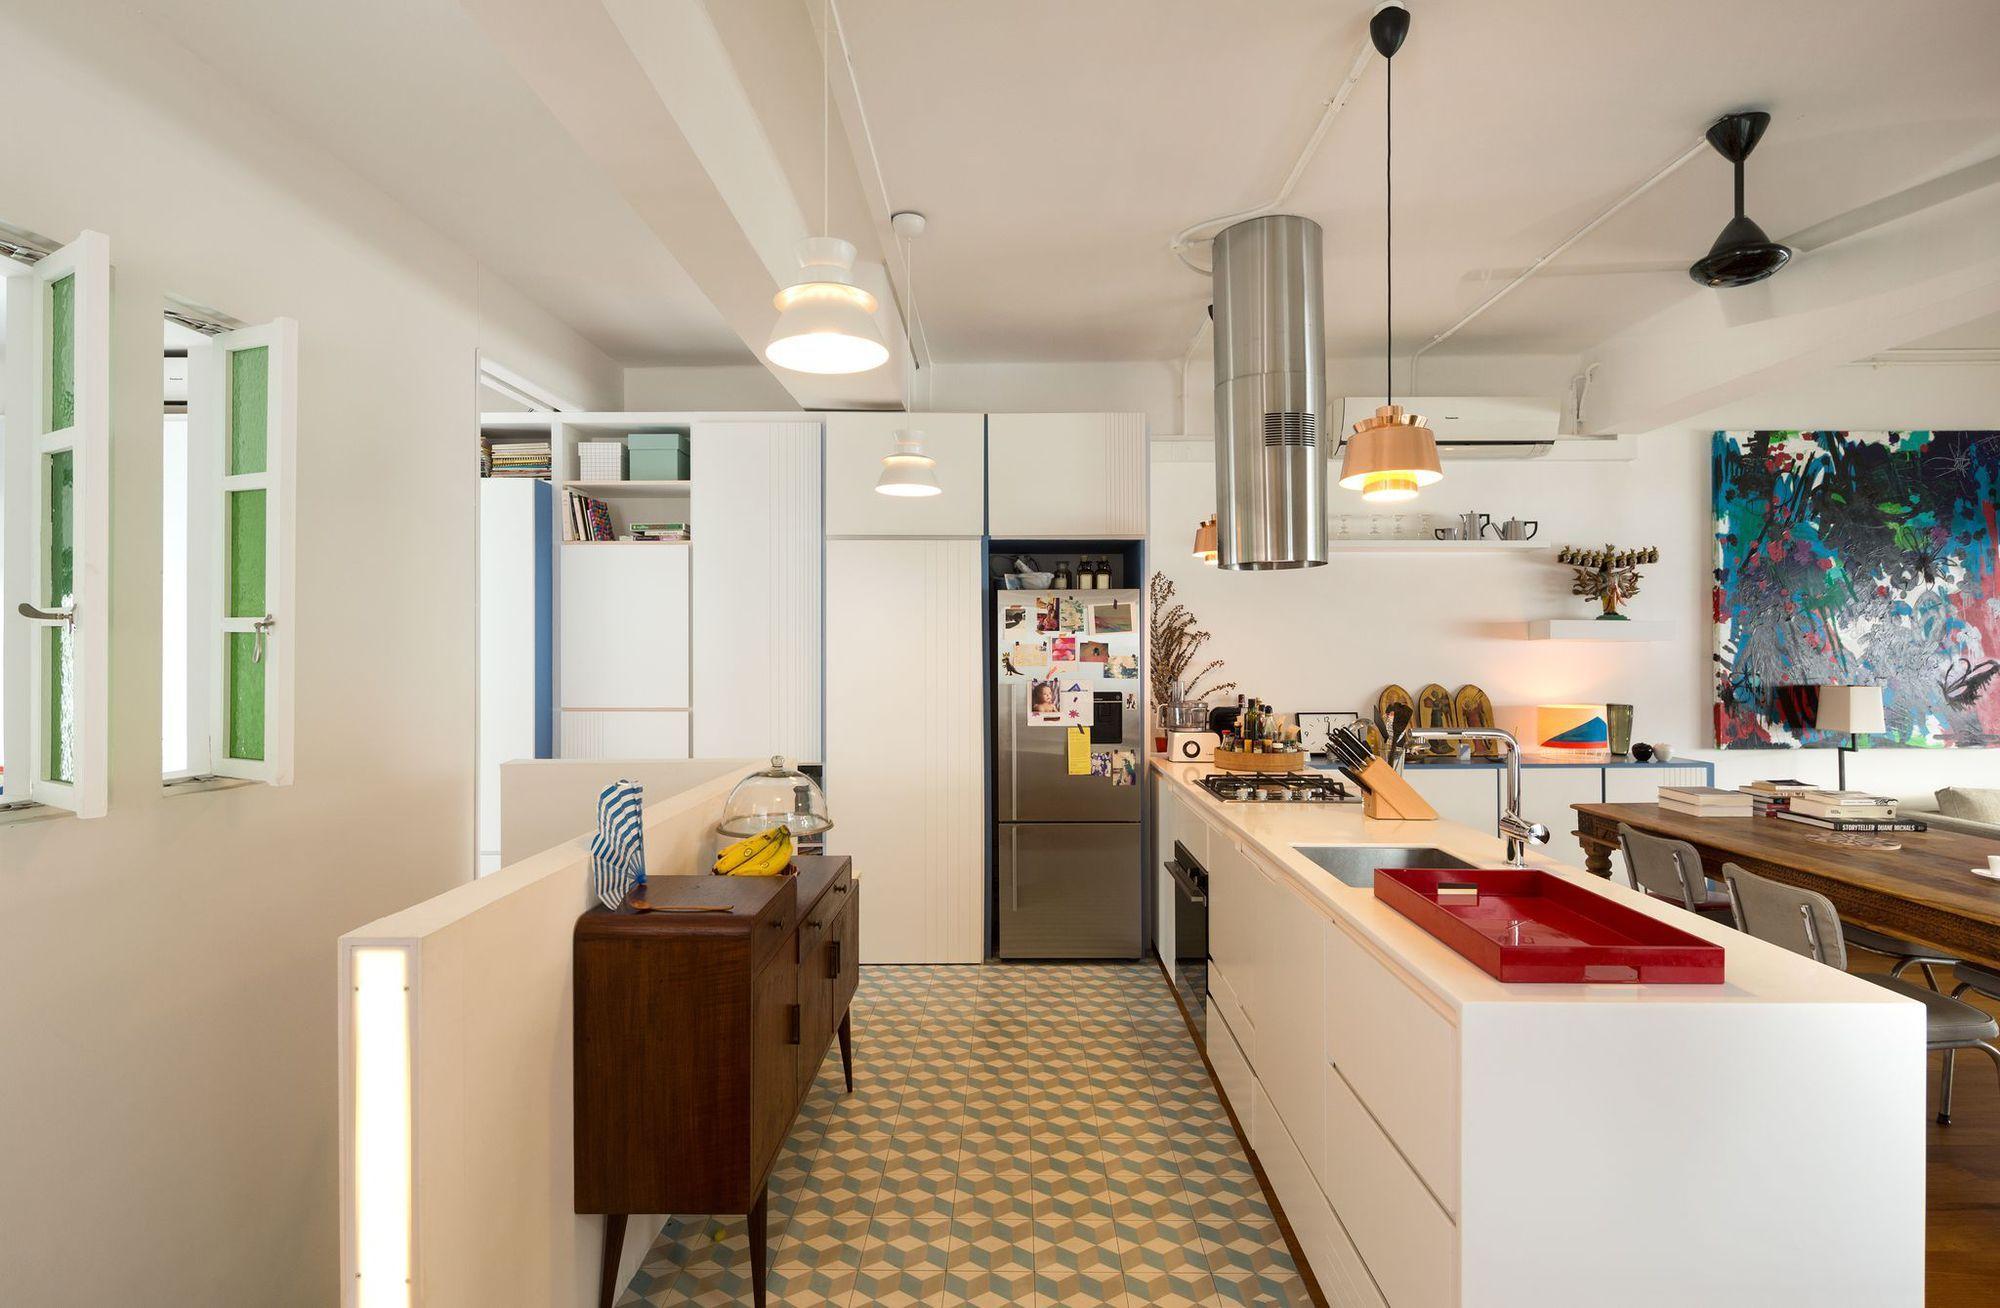 Appartement Singapour : un 90 m2 aux cloisons amovibles | Singapour ...